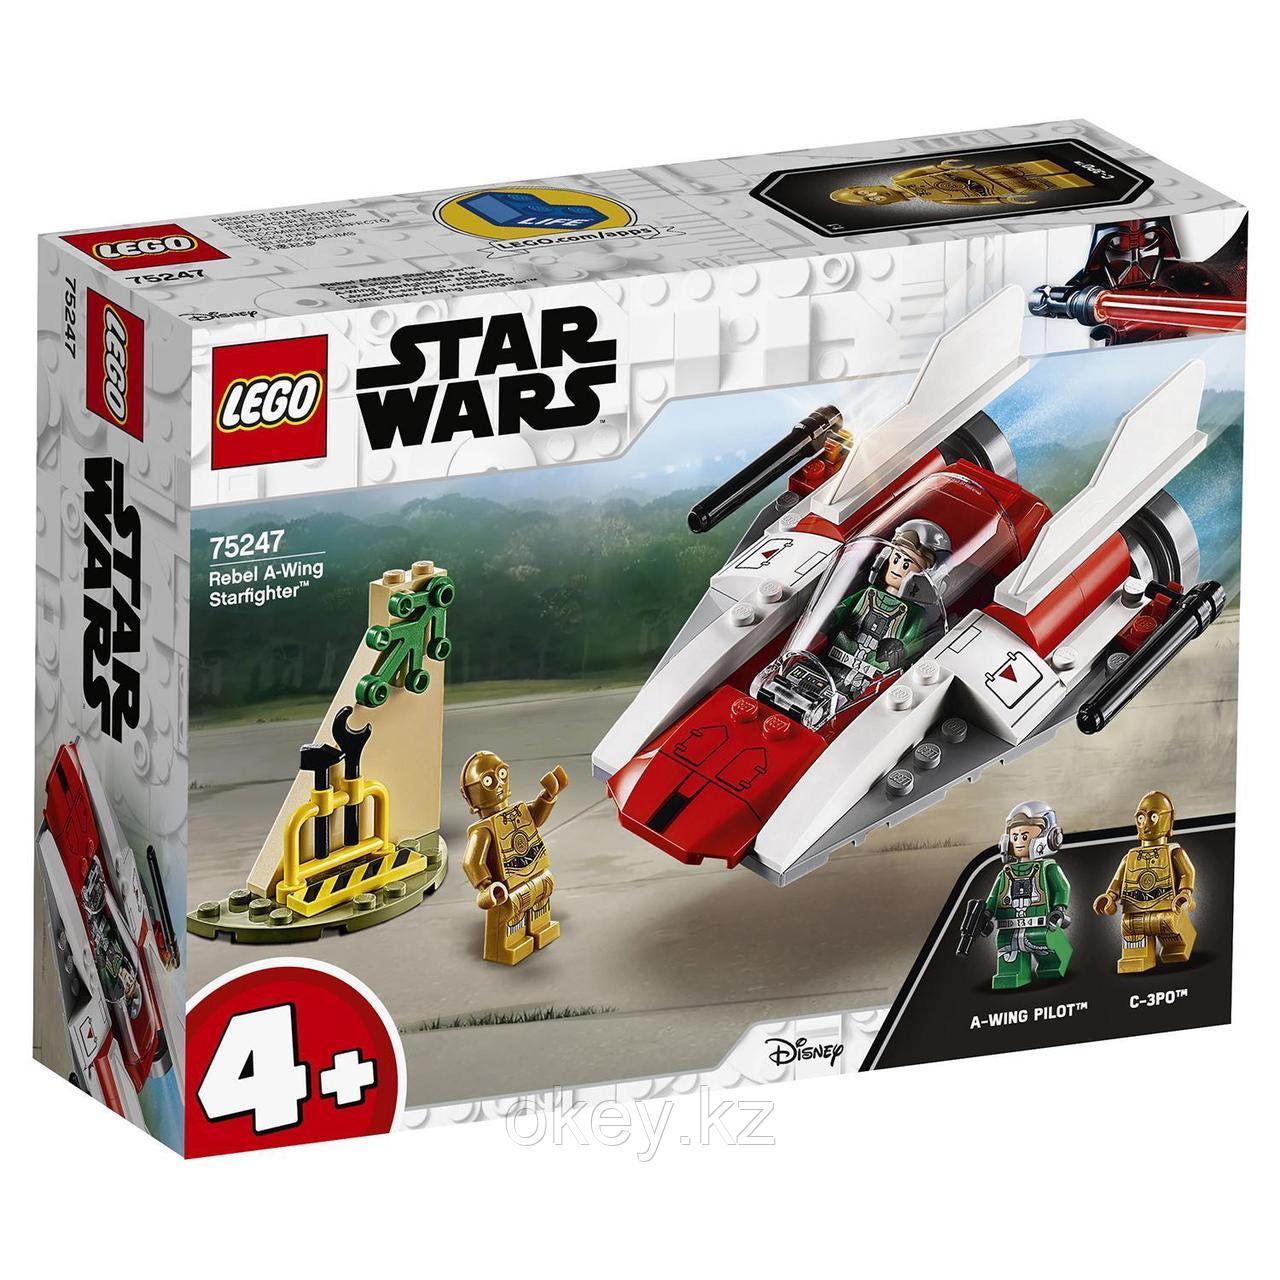 LEGO Star Wars: Звёздный истребитель типа А 75247